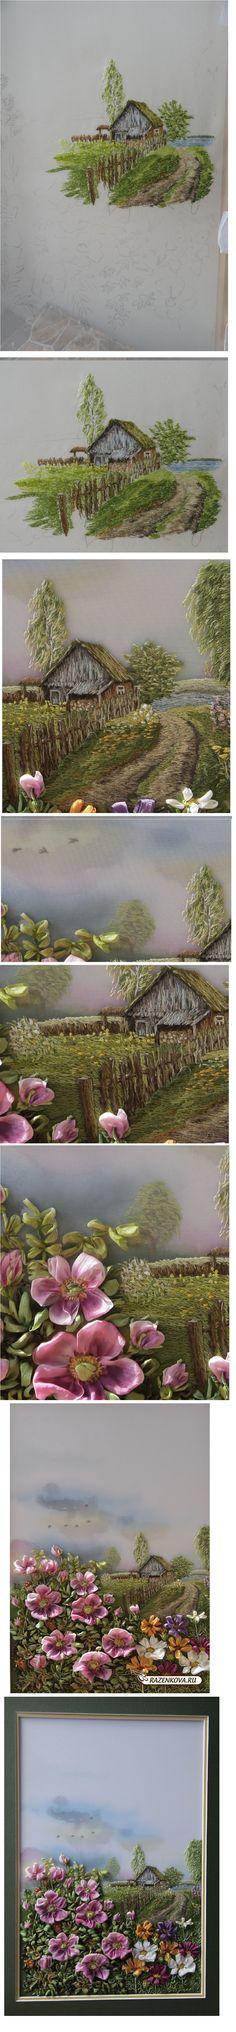 3bd690190fa1983fe3e9c6c51136aad0.jpg 952×8,200 pixels